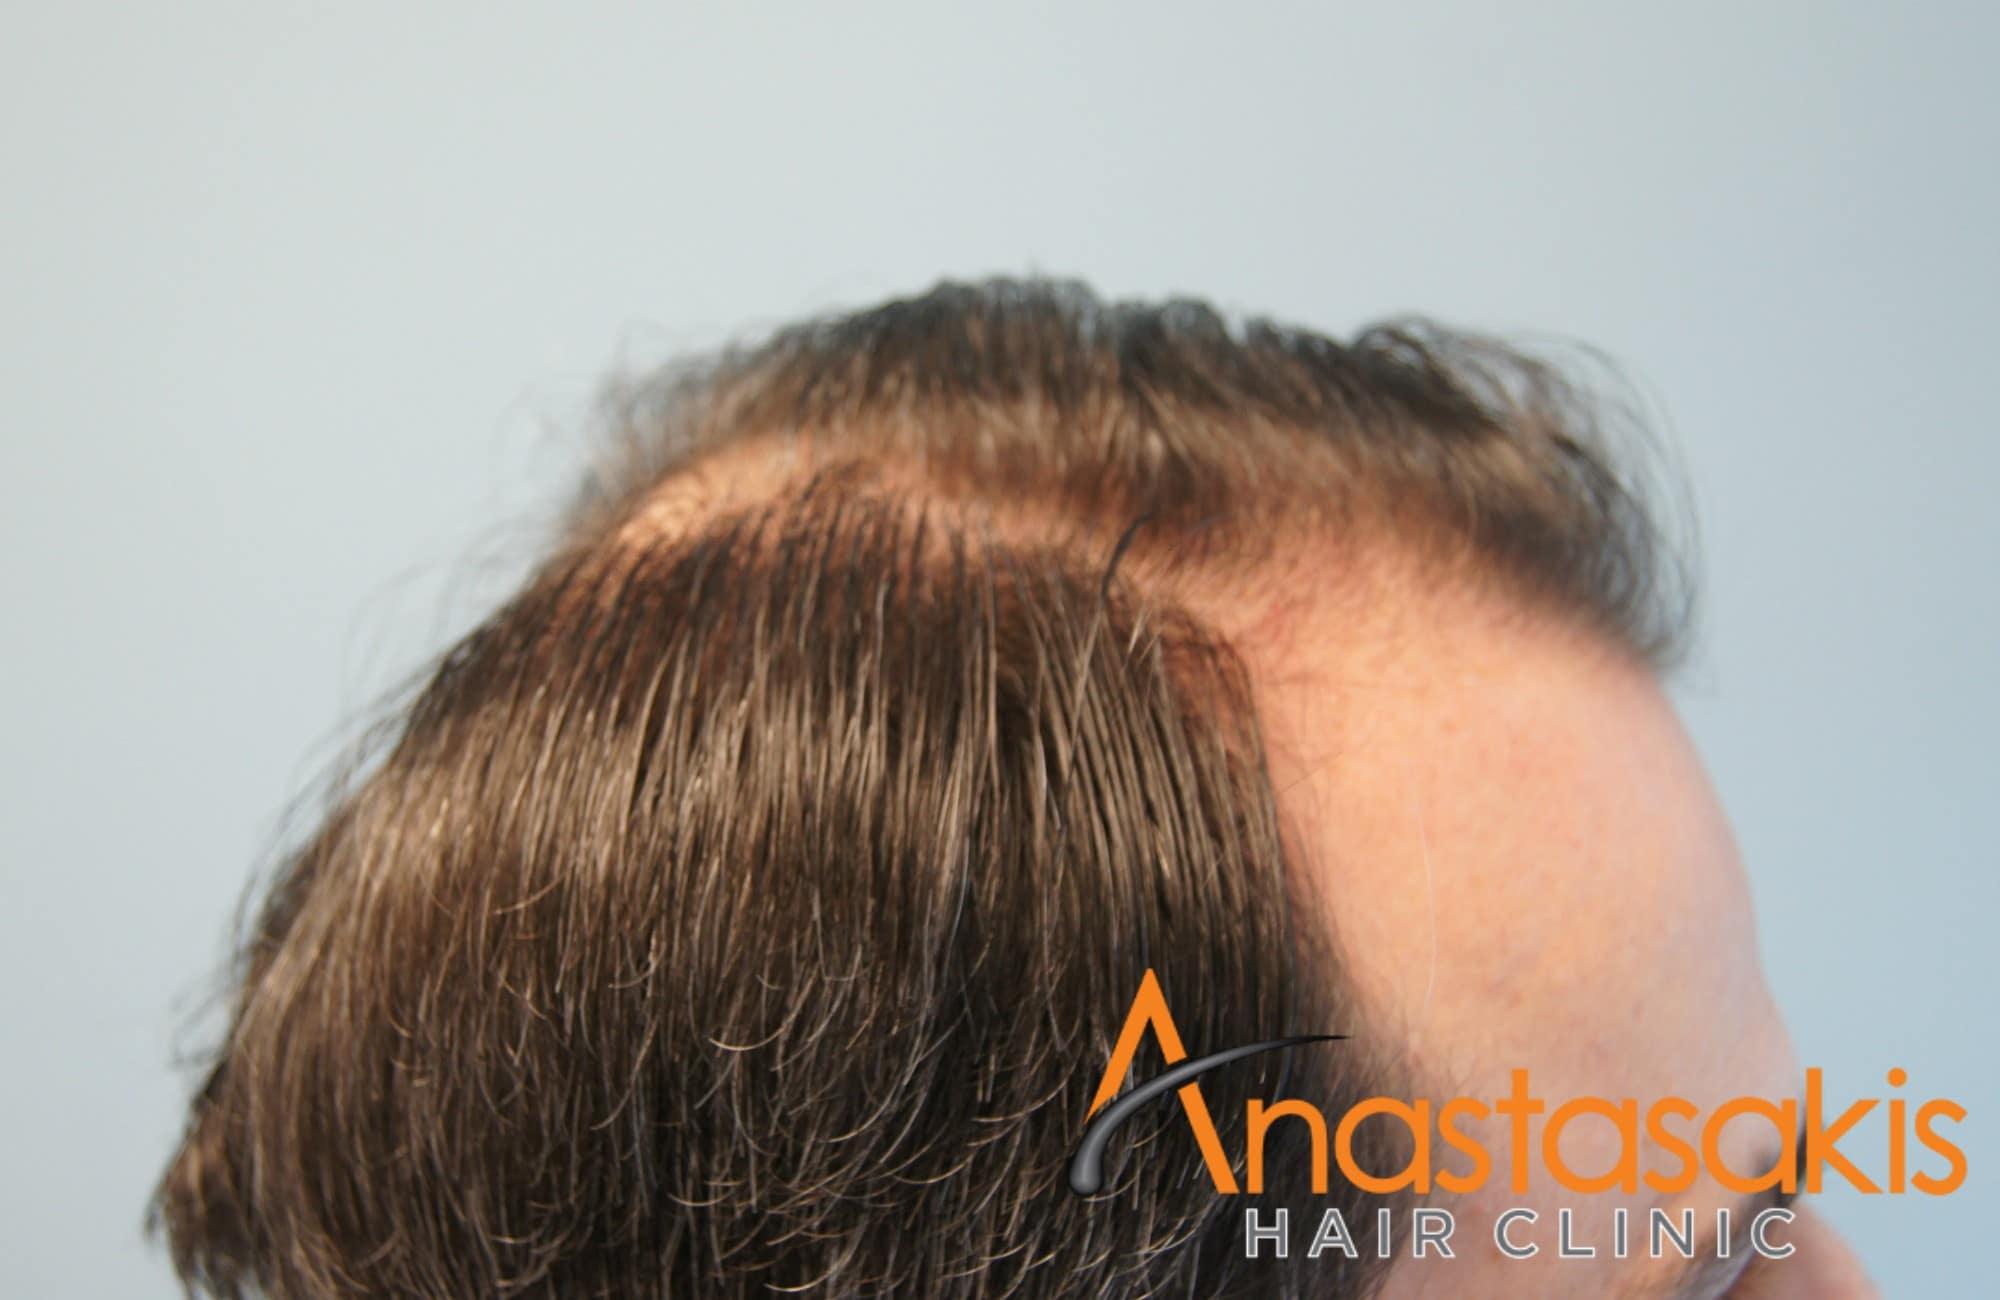 αριστερό προφιλ ασθενους prin τη μεταμοσχευση μαλλιων με 3500 fus με τη μεθοδο fut